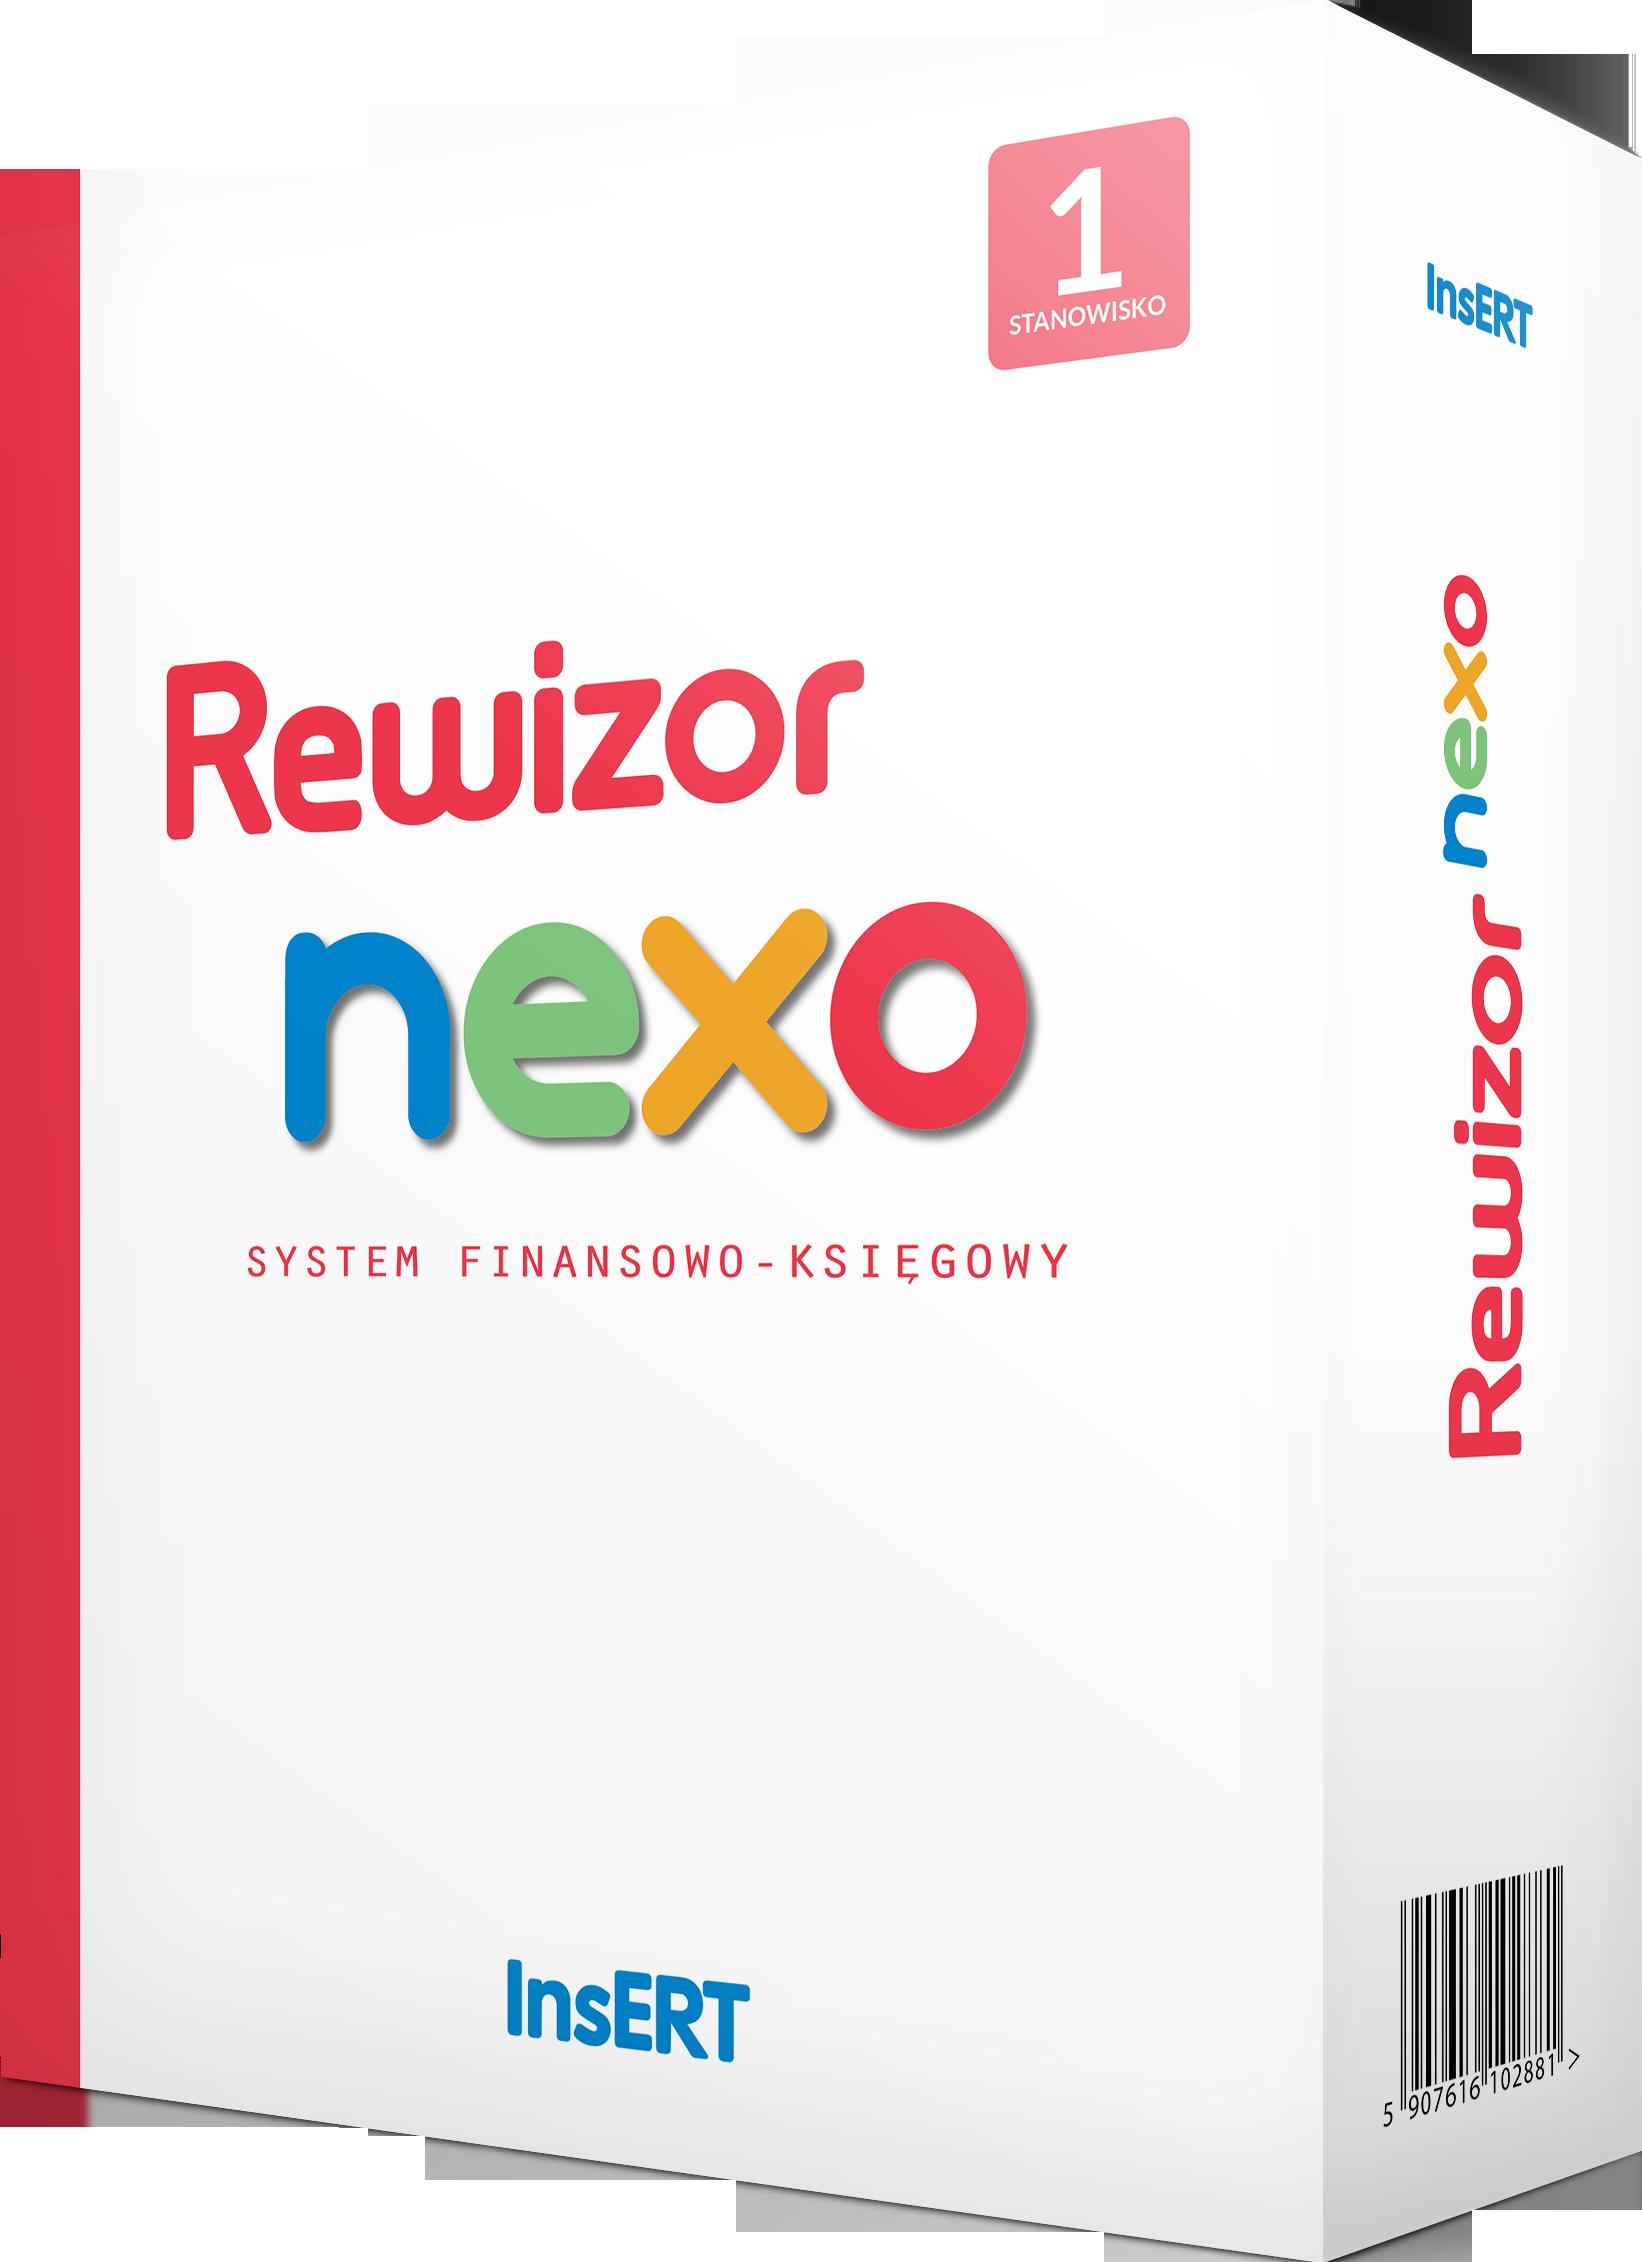 Rewizor_nexo_1_stanowisko_pudelko.png